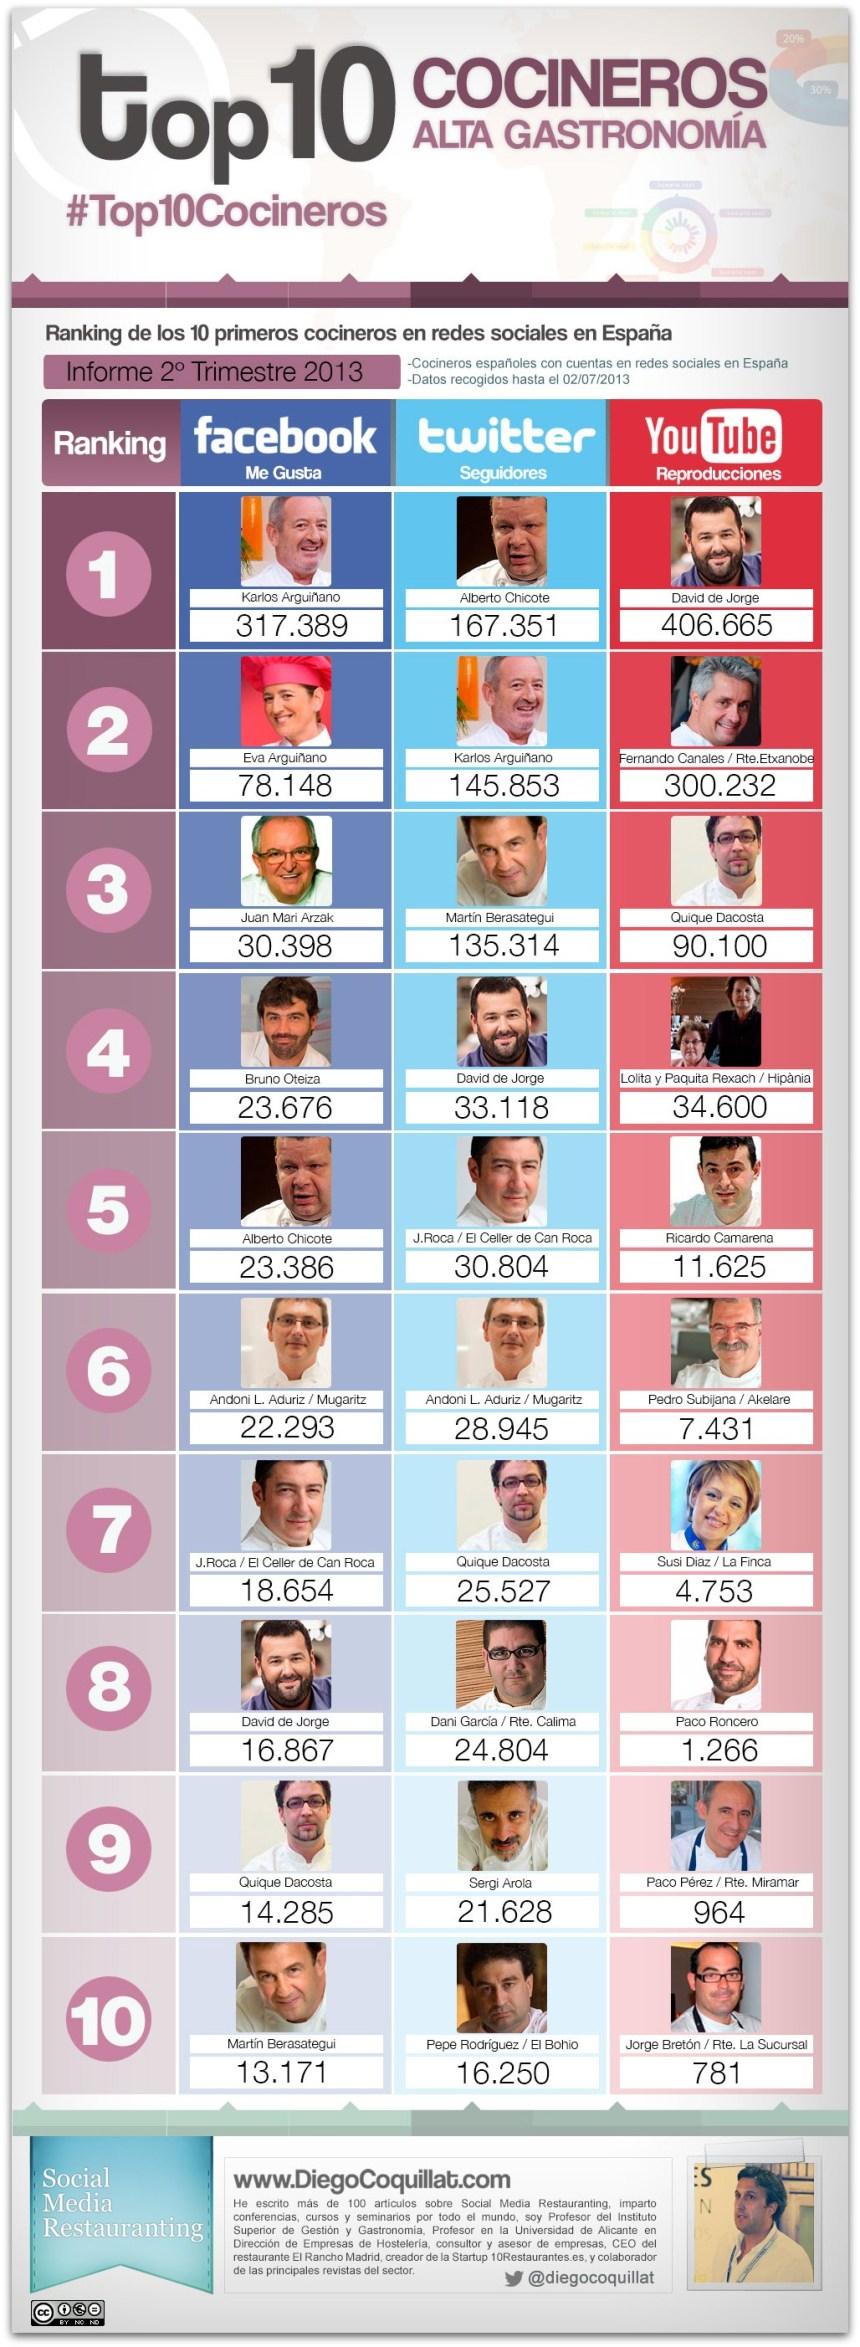 Top 10 cocineros en Redes Sociales (España 2T/2013)